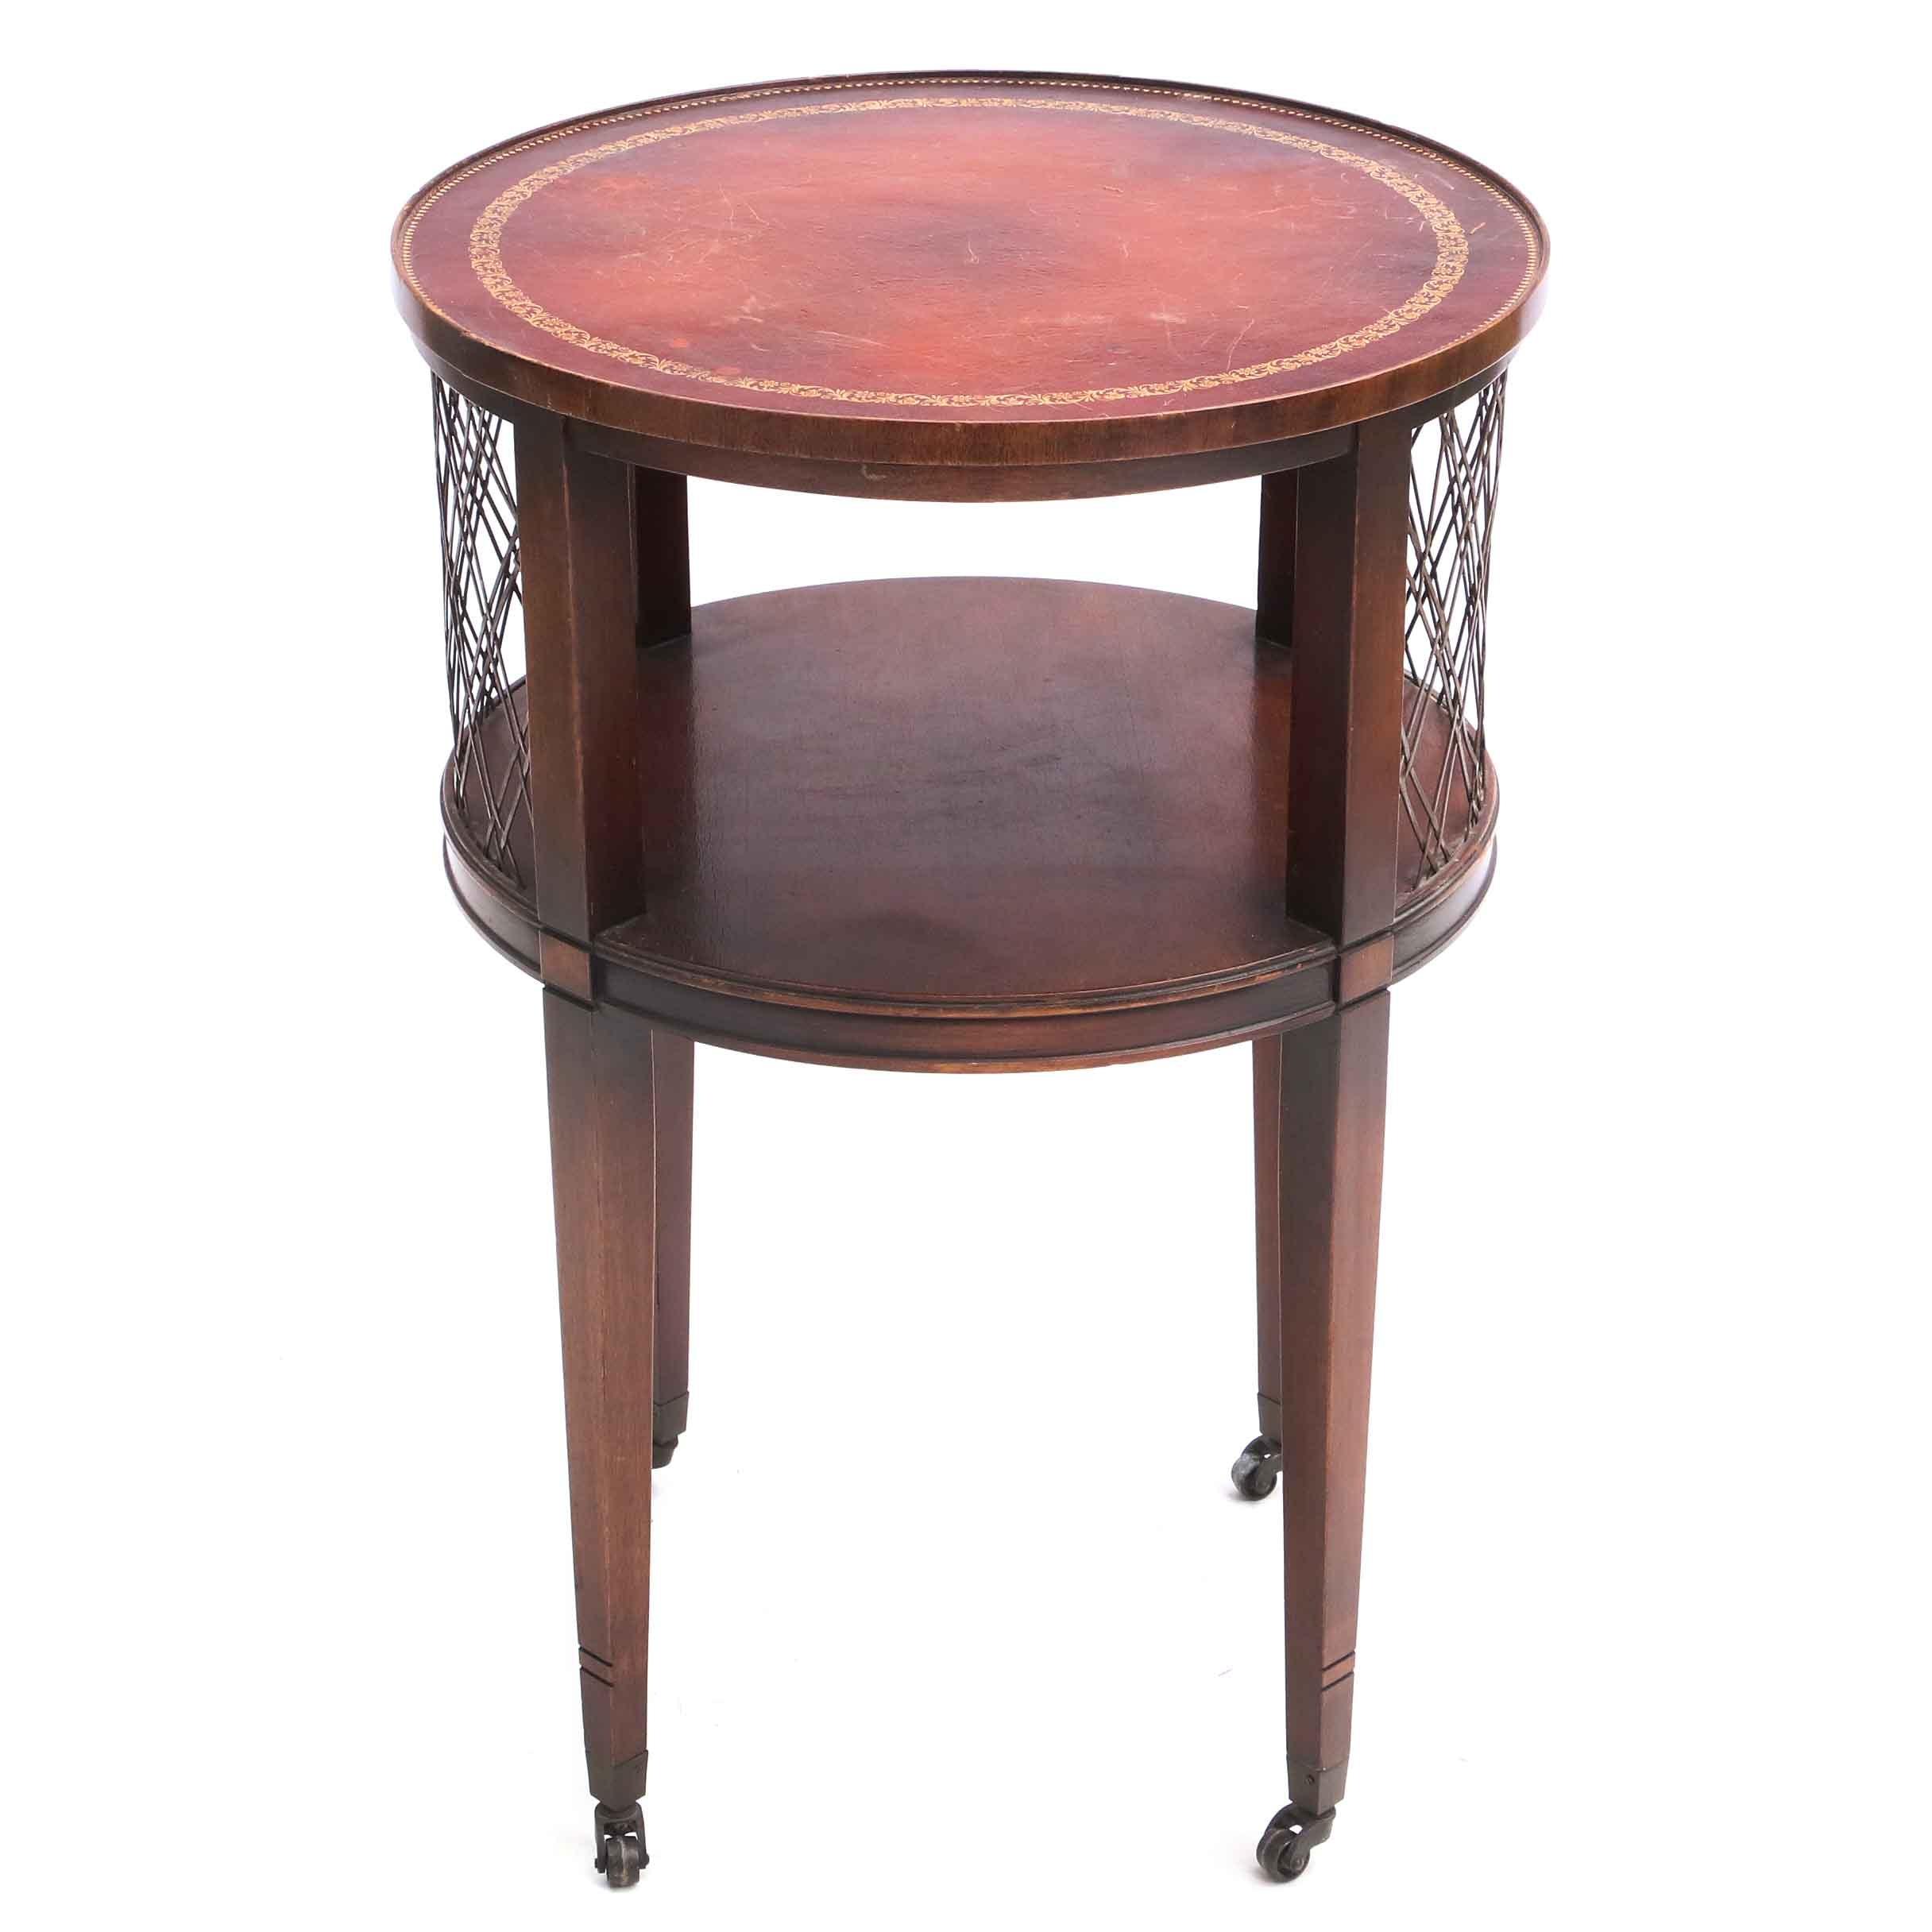 Vintage Leather Veneered End Table